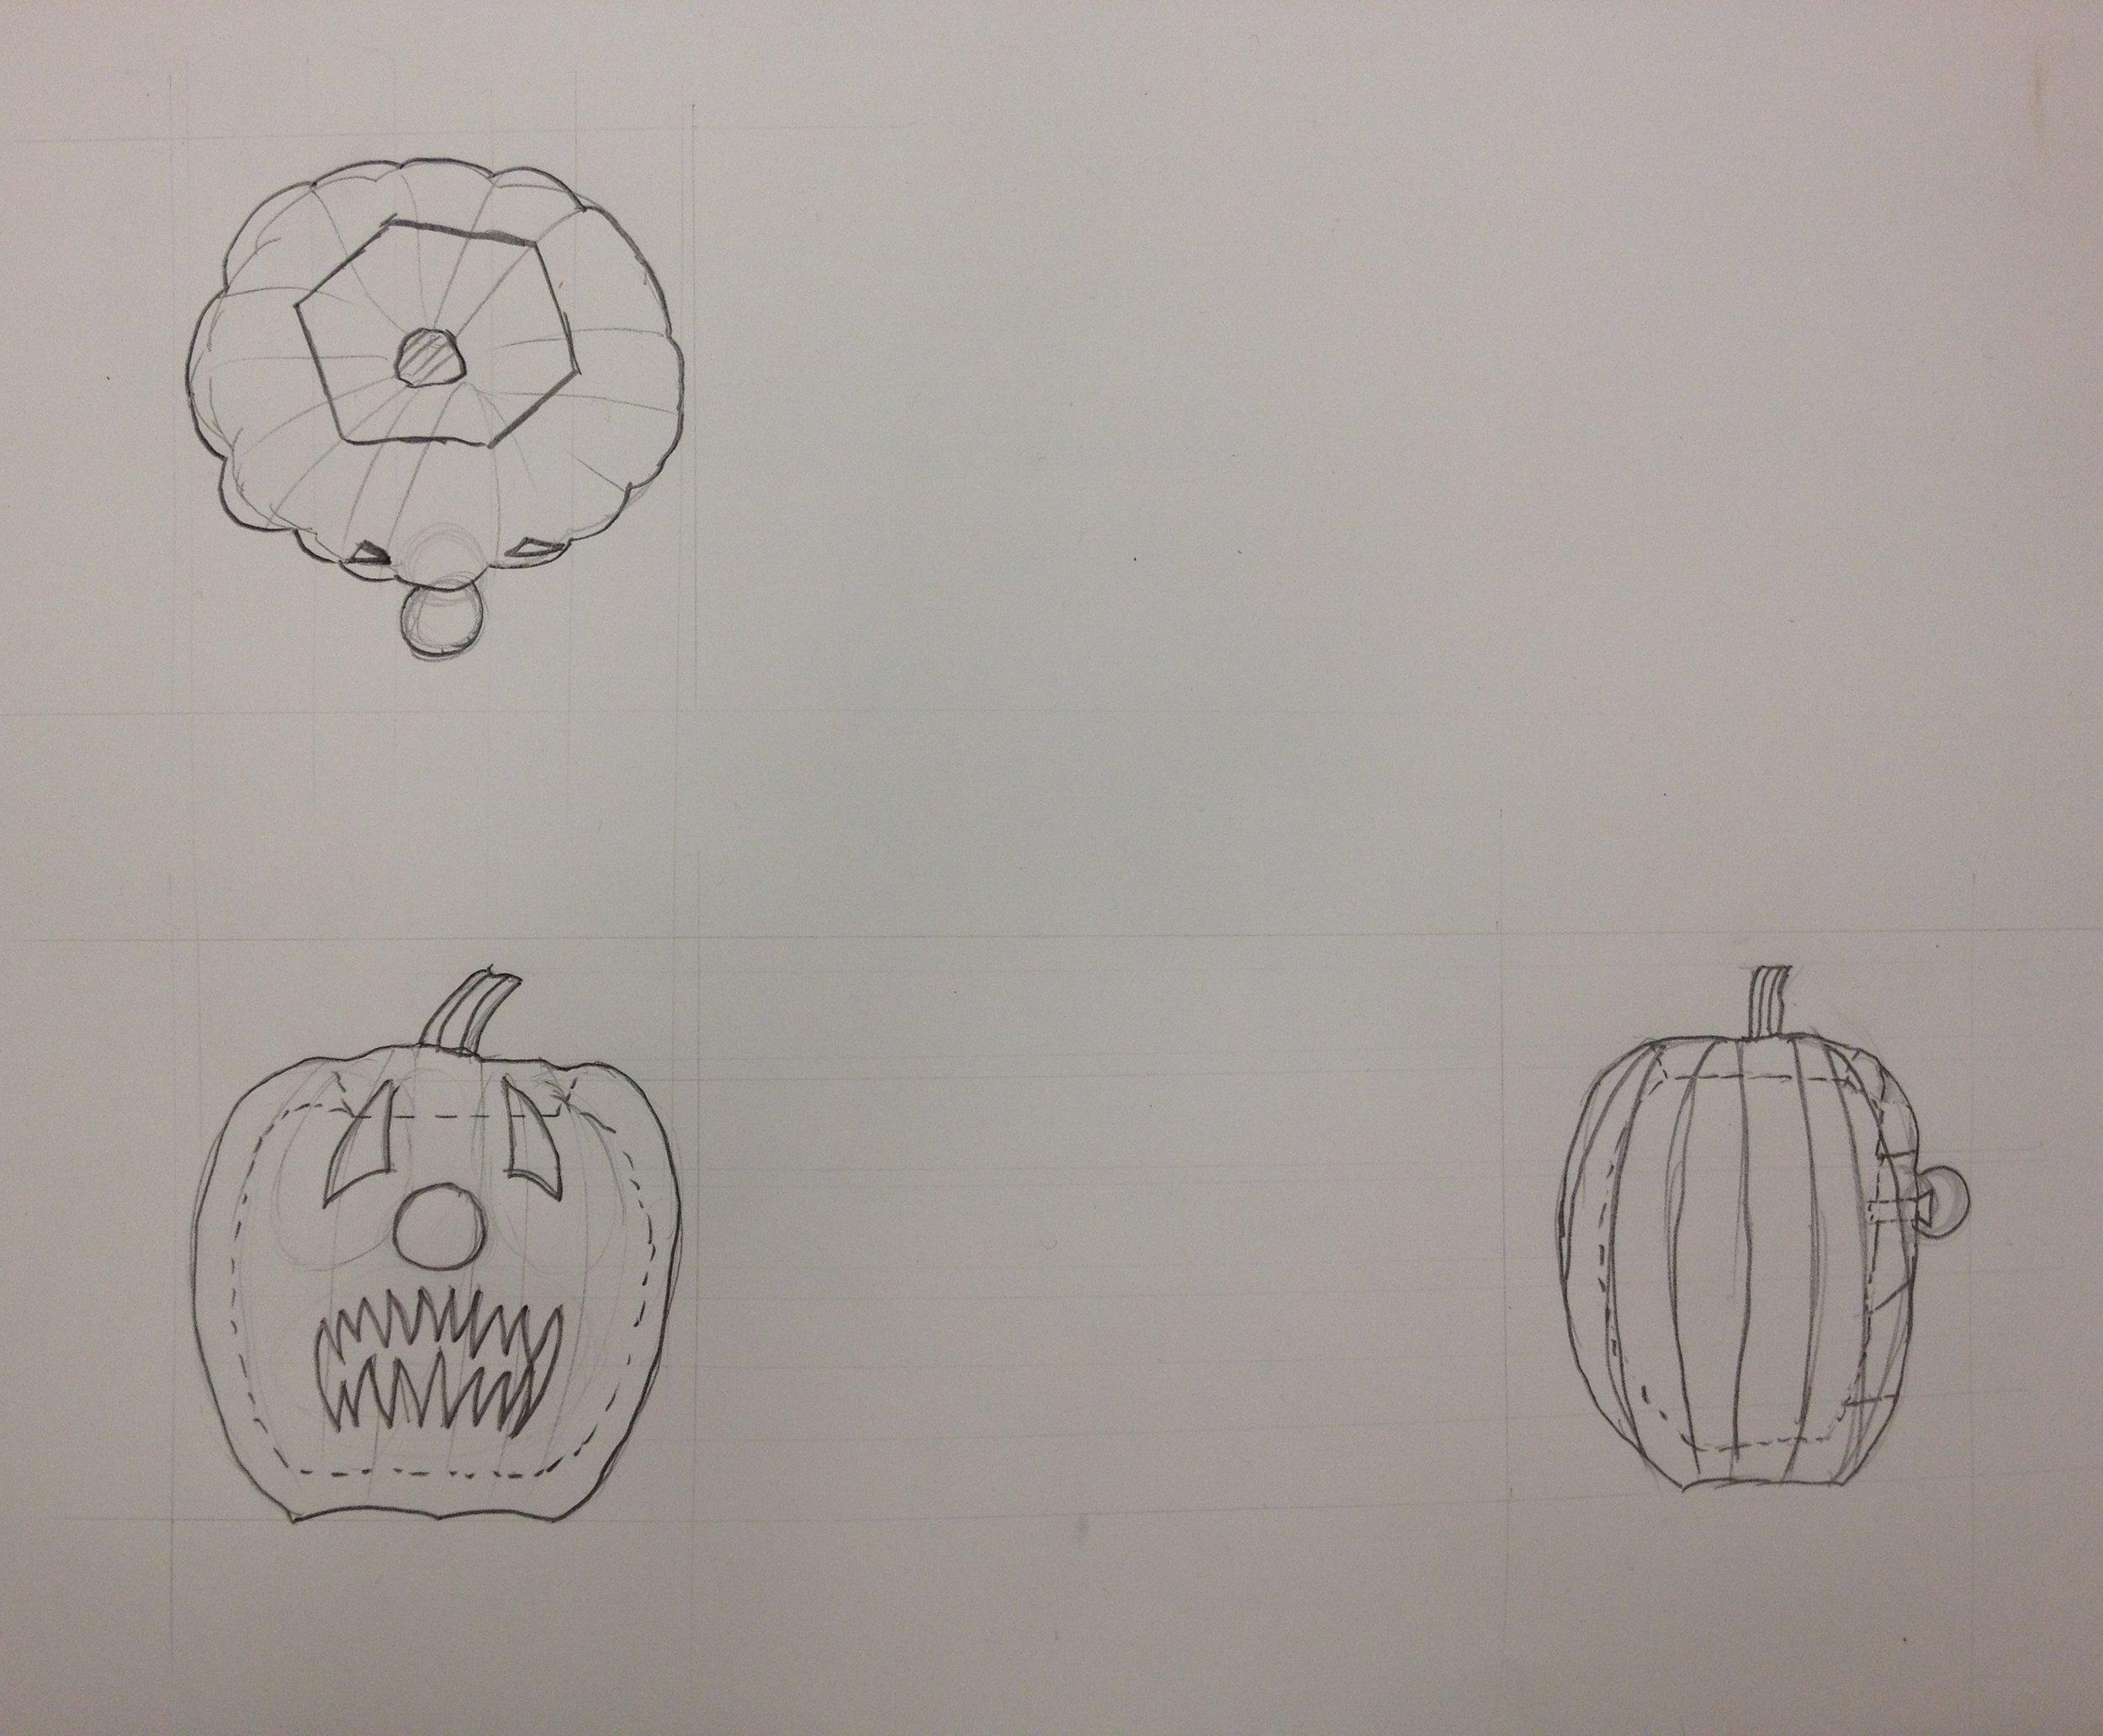 2012-10-31 19.59.28.jpg